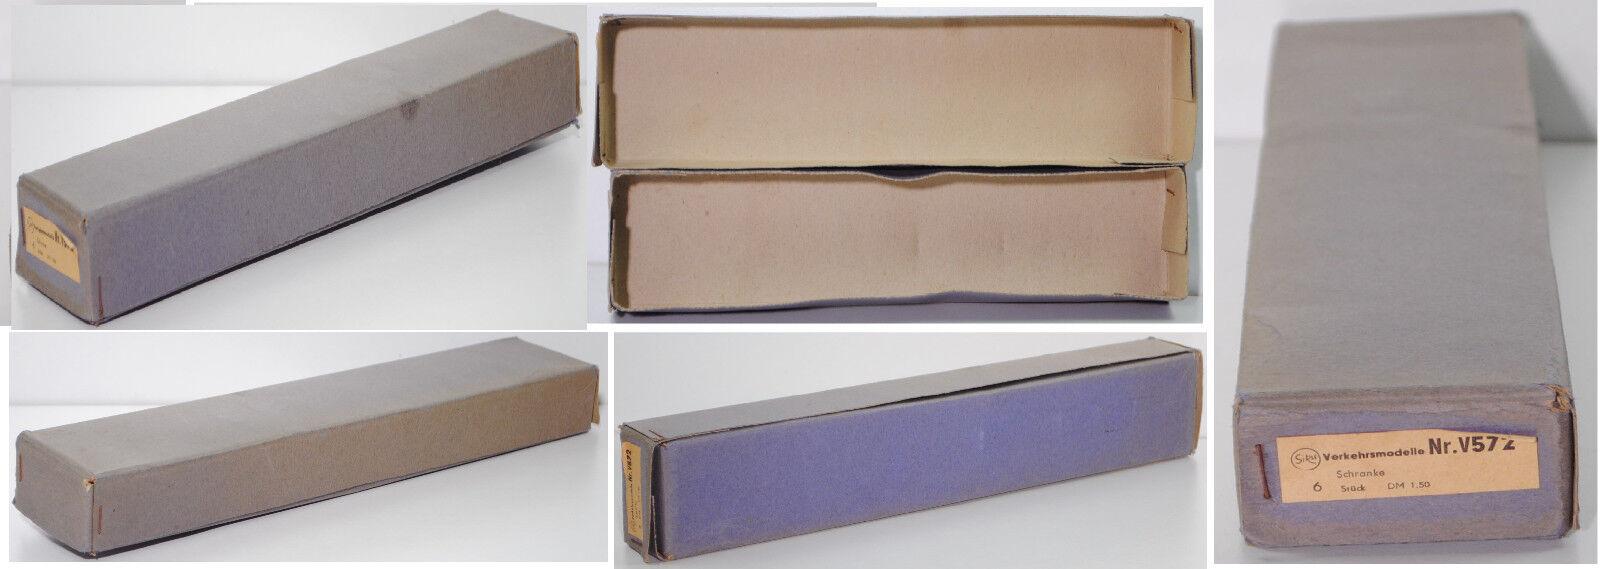 SIKU v572 Camp carton Distributeur Emballage